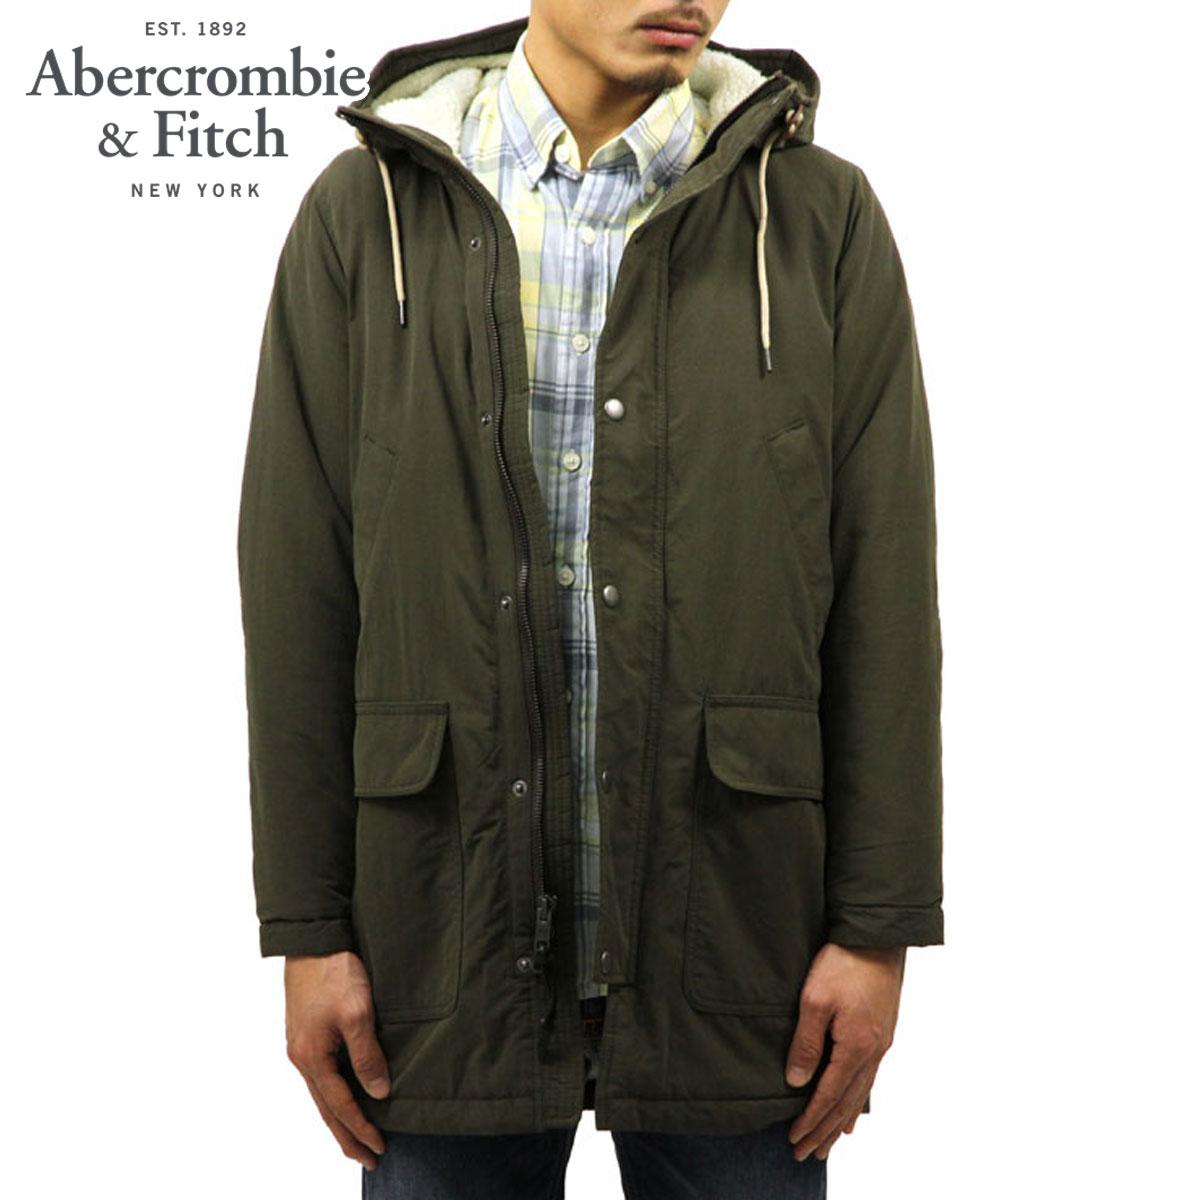 アバクロ Abercrombie&Fitch 正規品 メンズ アウター ロングコート SHERPA COTTON PARKA JACKET 132-328-1019-330